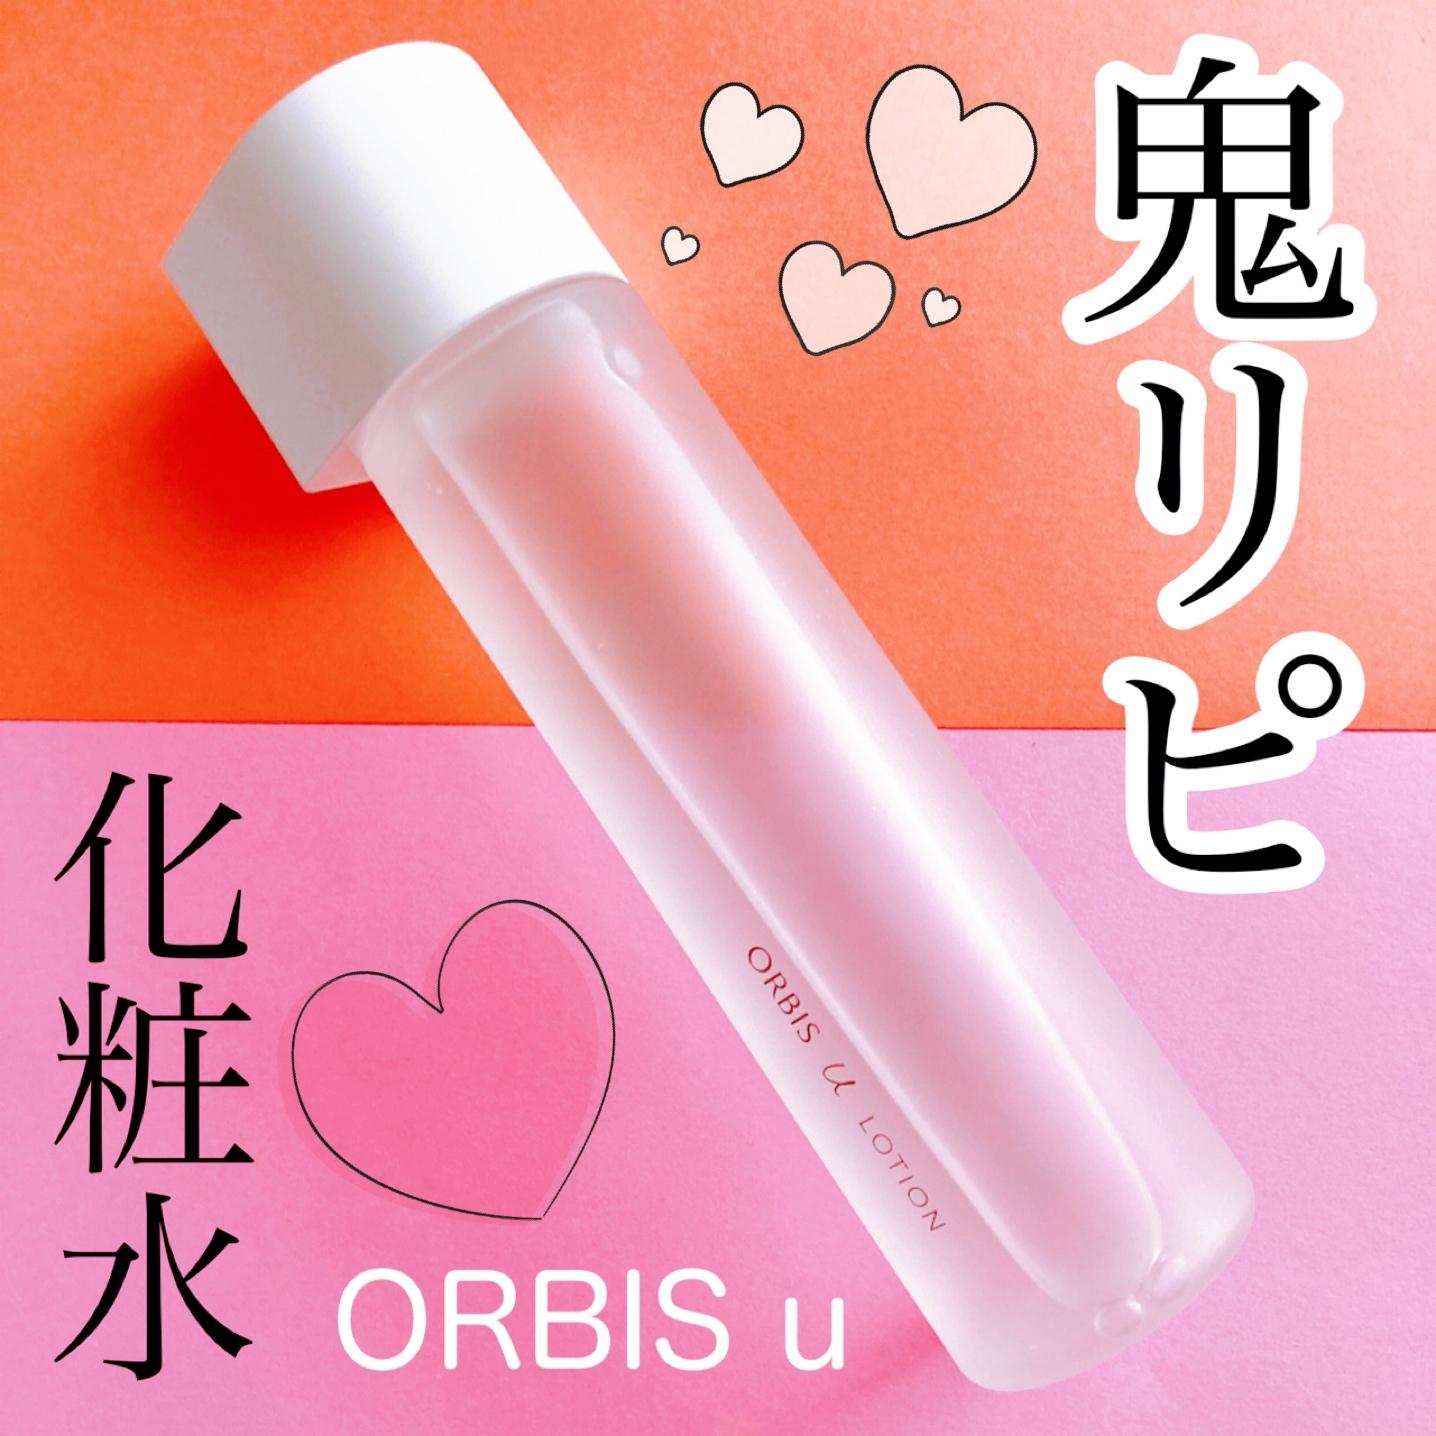 ORBIS(オルビス) オルビスユー ローションの良い点・メリットに関するyunaさんの口コミ画像1